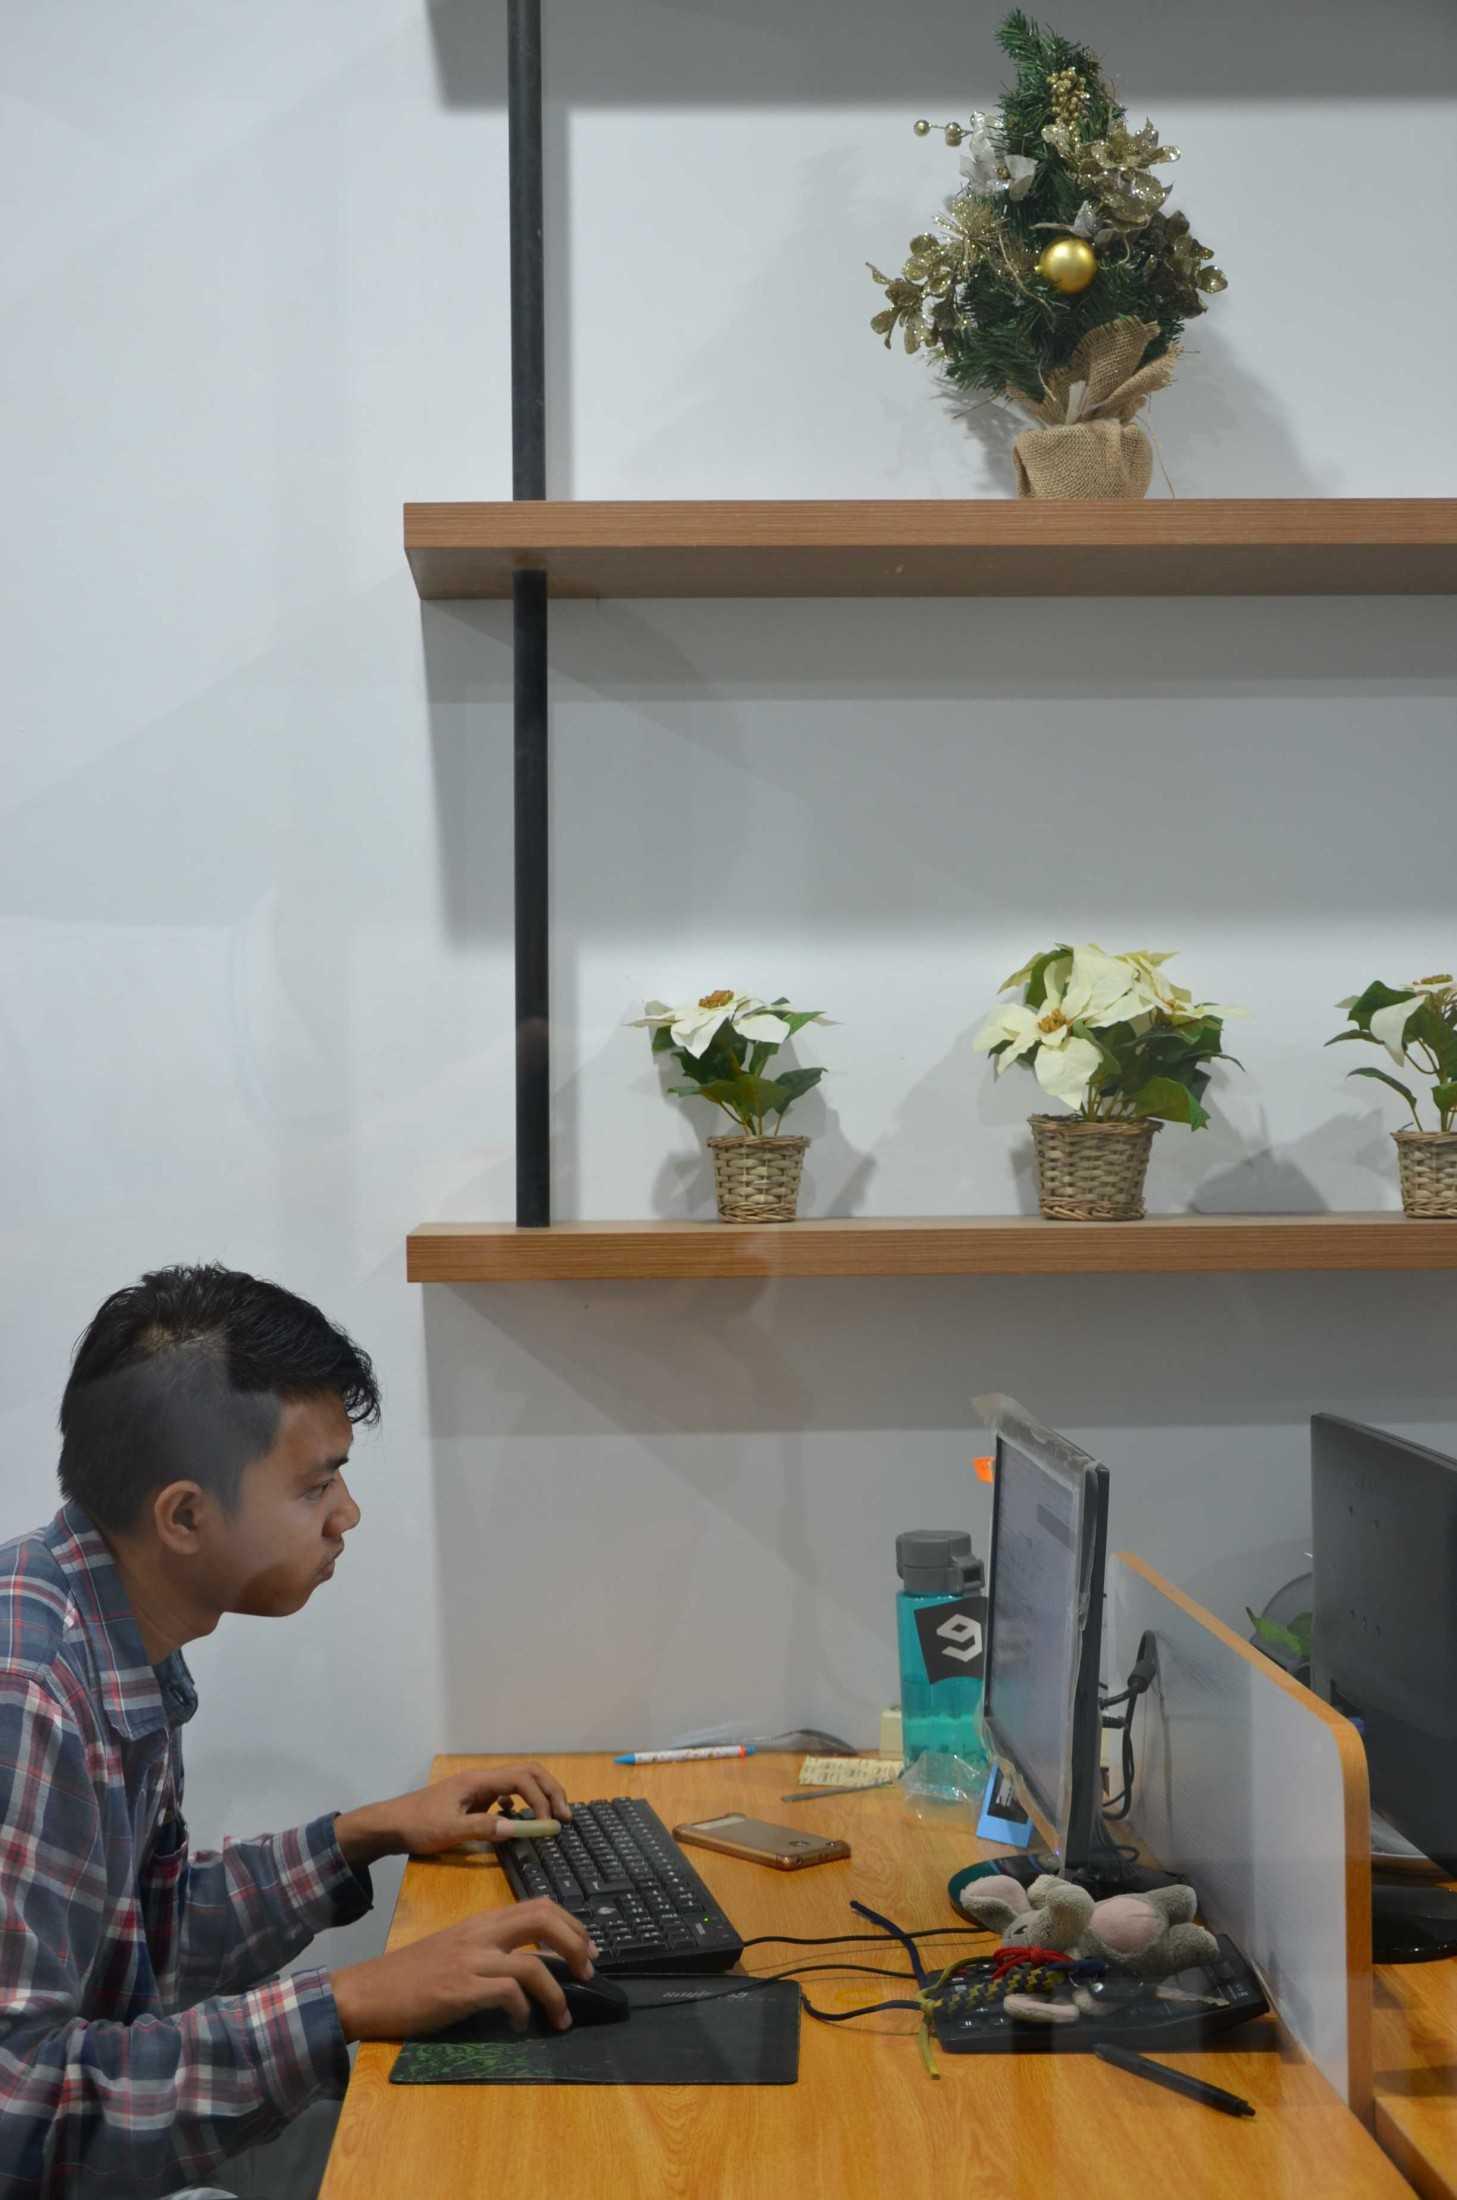 Atelier Ara Godric Store Tangerang, Banten, Indonesia Jl. Green Lake City Boulevard, Duri Kosambi, Cengkareng, Kota Jakarta Barat, Daerah Khusus Ibukota Jakarta 11750, Indonesia Atelier-Ara-Godric-Store  68260